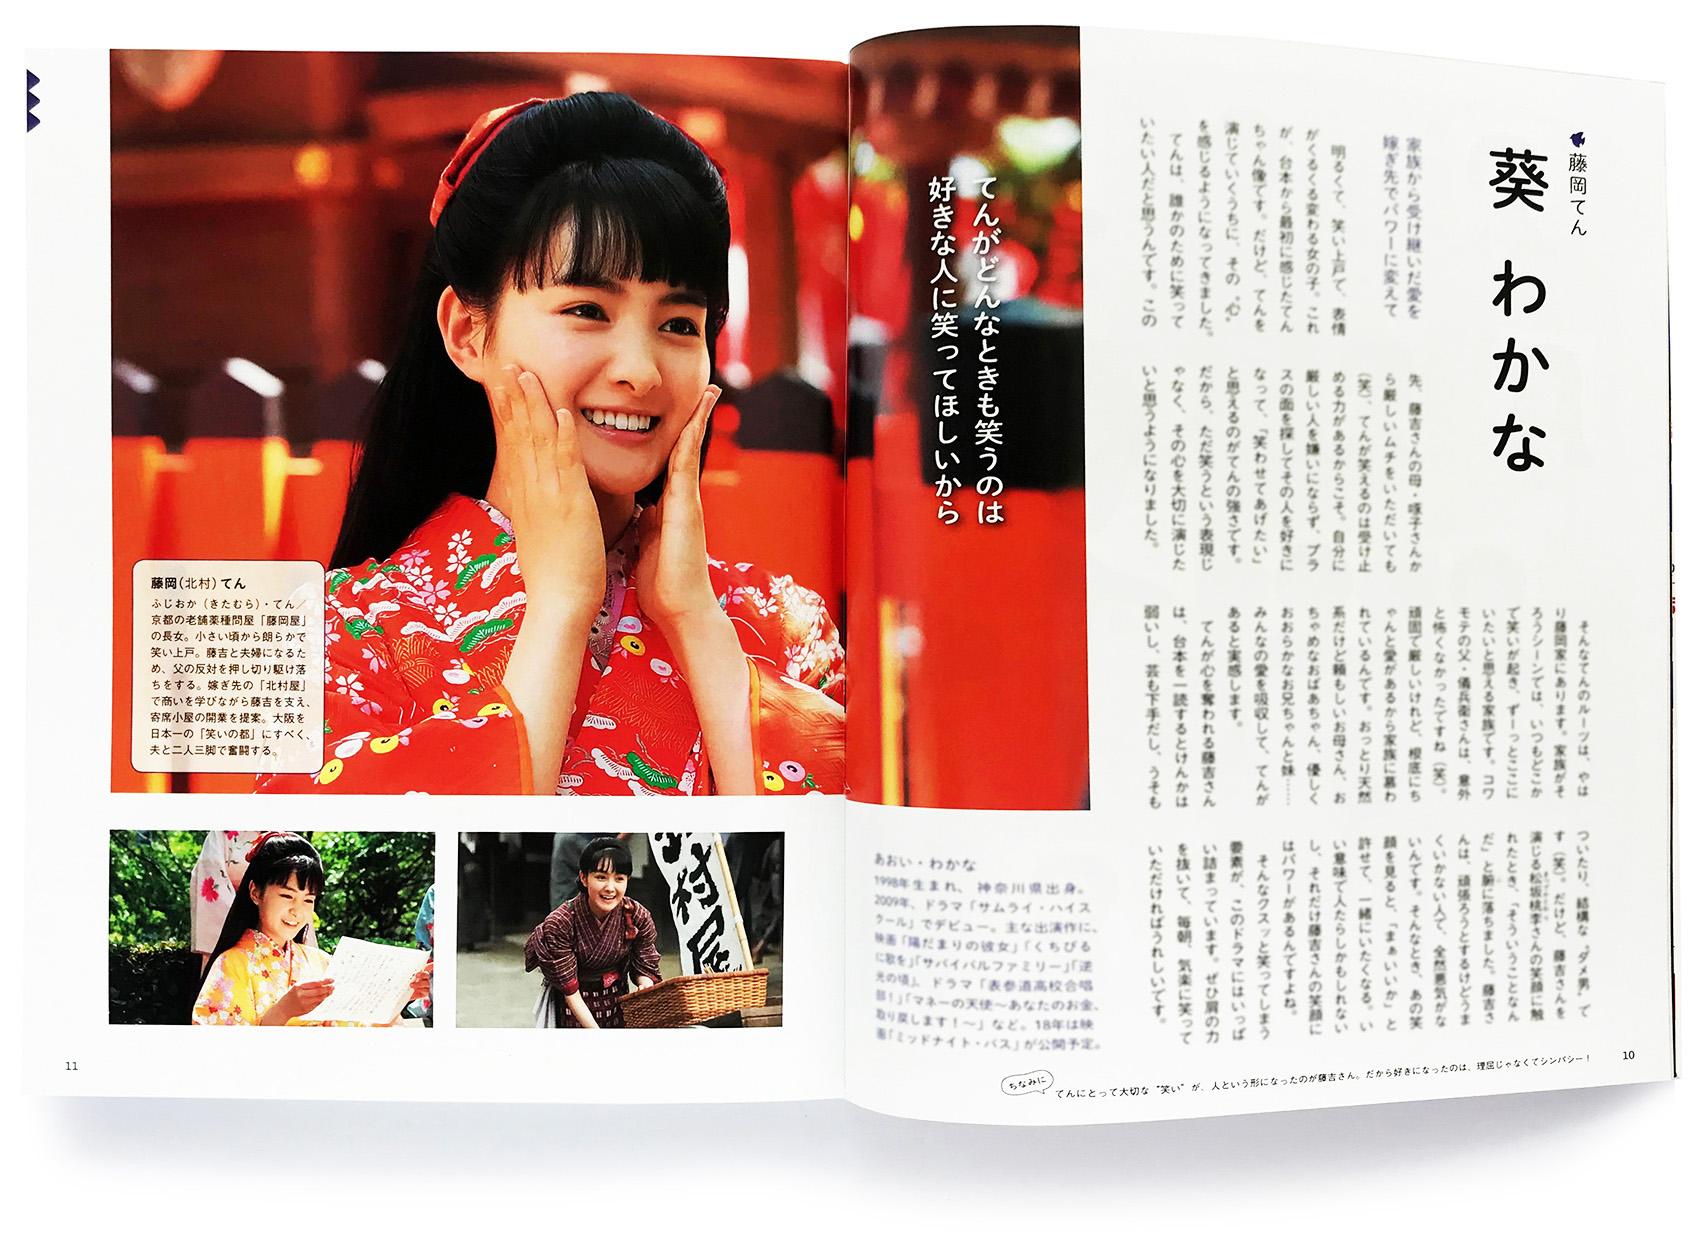 NHKドラマ・ガイド『連続テレビ小説 わろてんか』